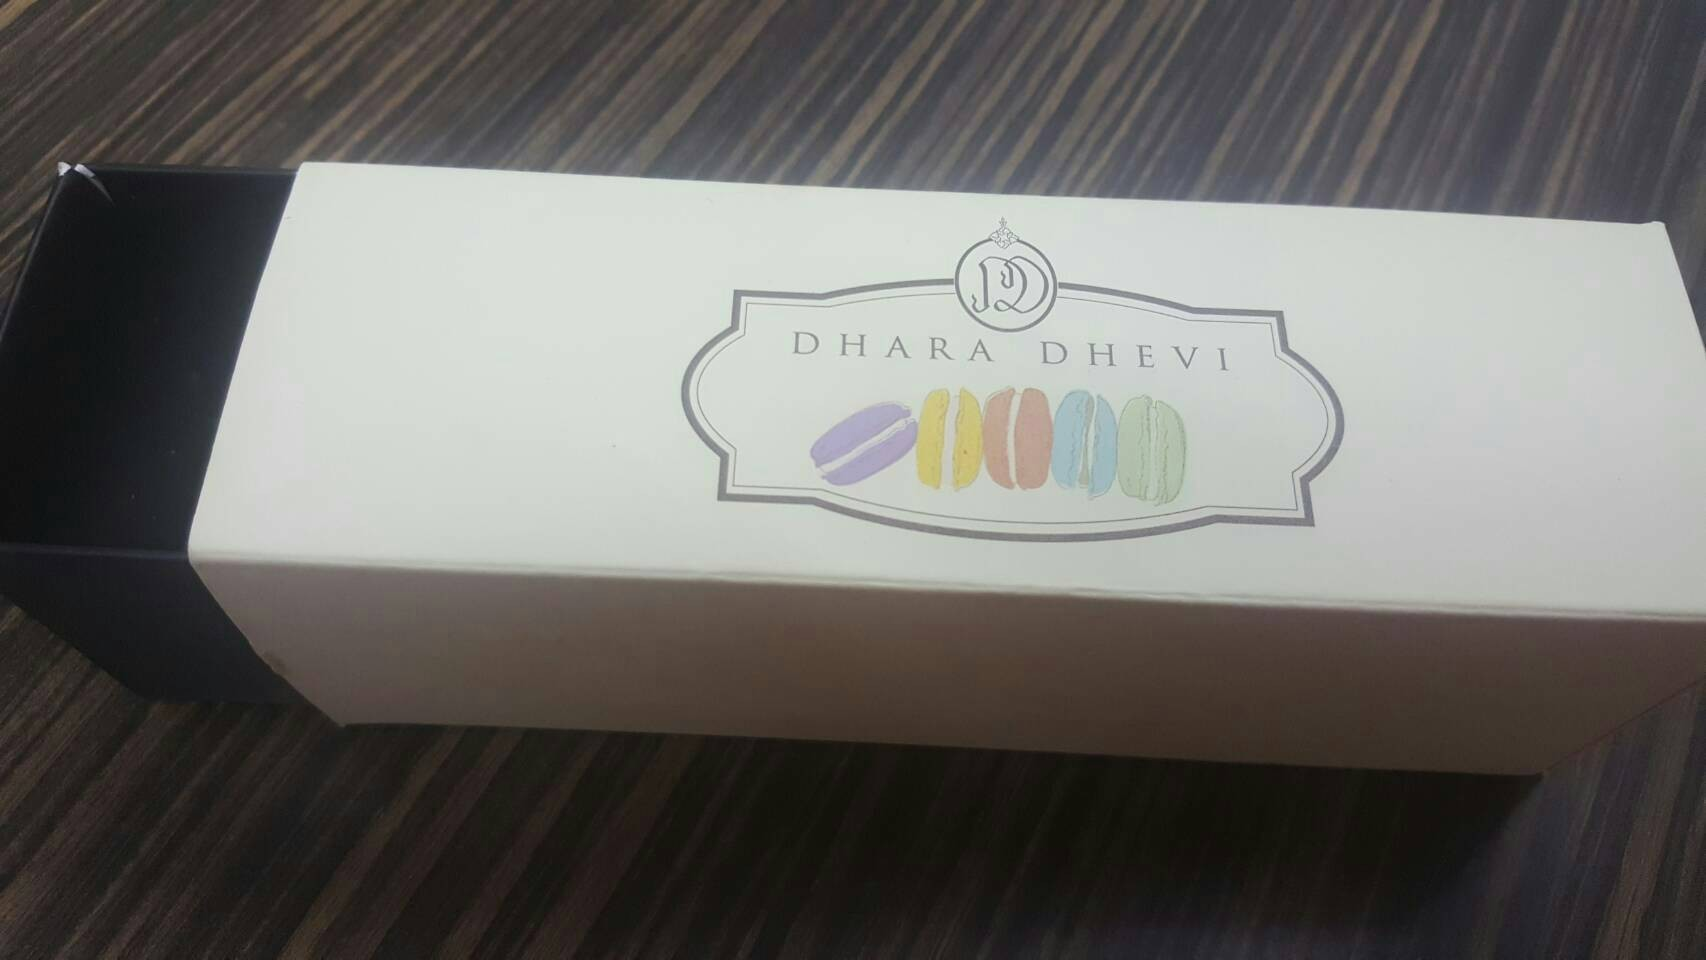 เมนูของร้าน Dhara Dhevi Macaron เซ็นทรัล ลาดพร้าว